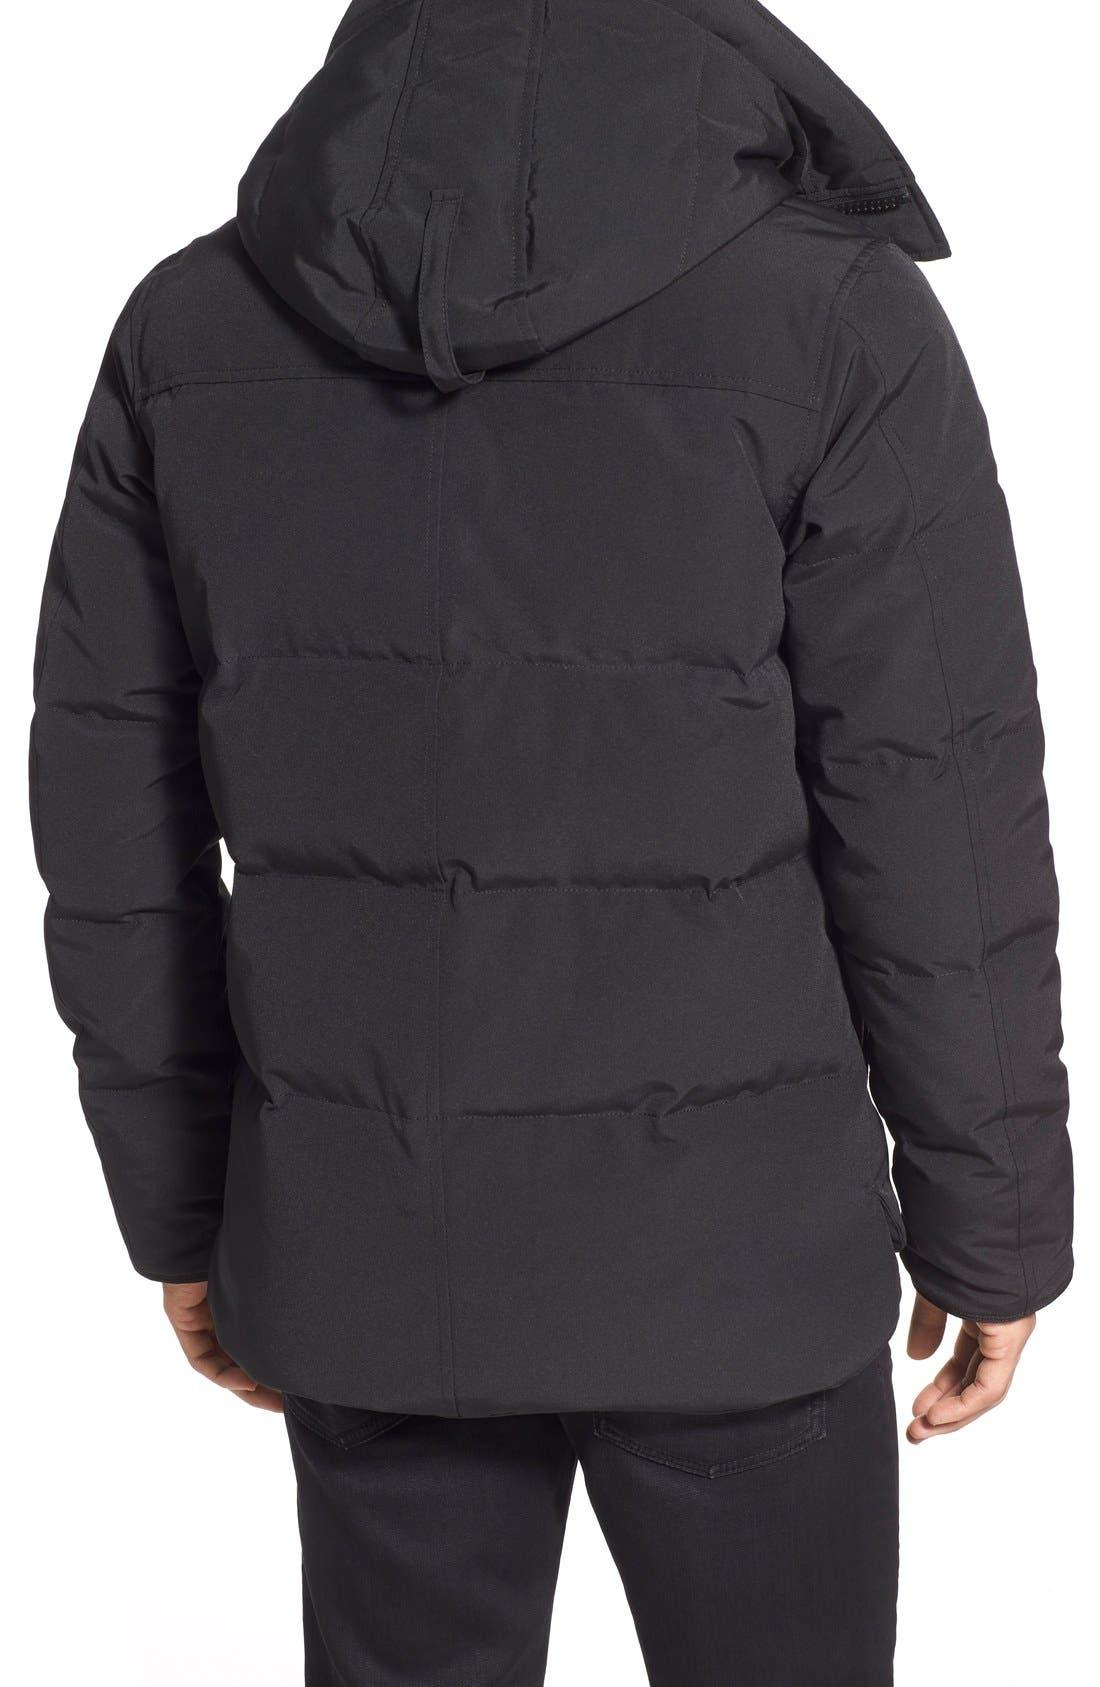 a590c5efa4 Men's Parka Coats & Jackets | Nordstrom